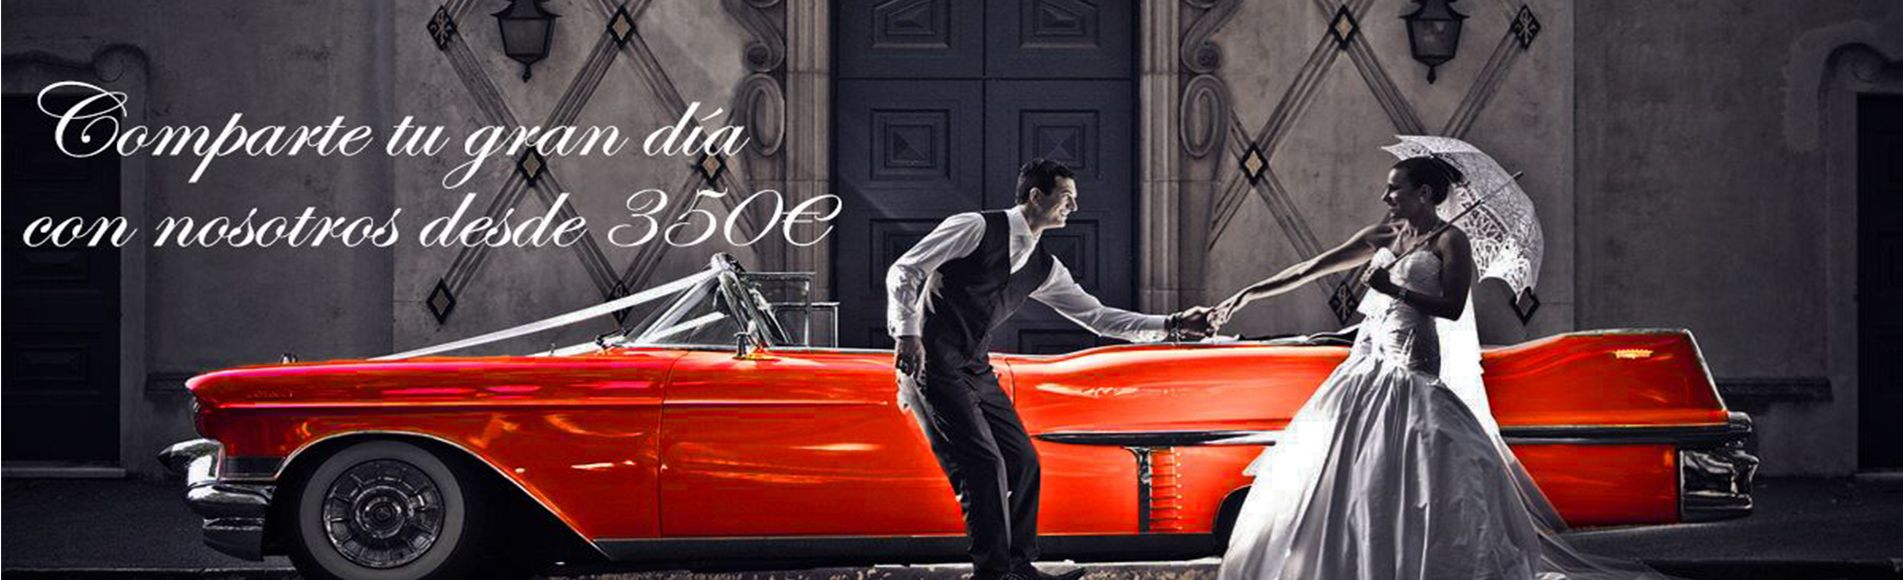 bodas y eventos coches americanos. comparte tu gran dia desde 350 €